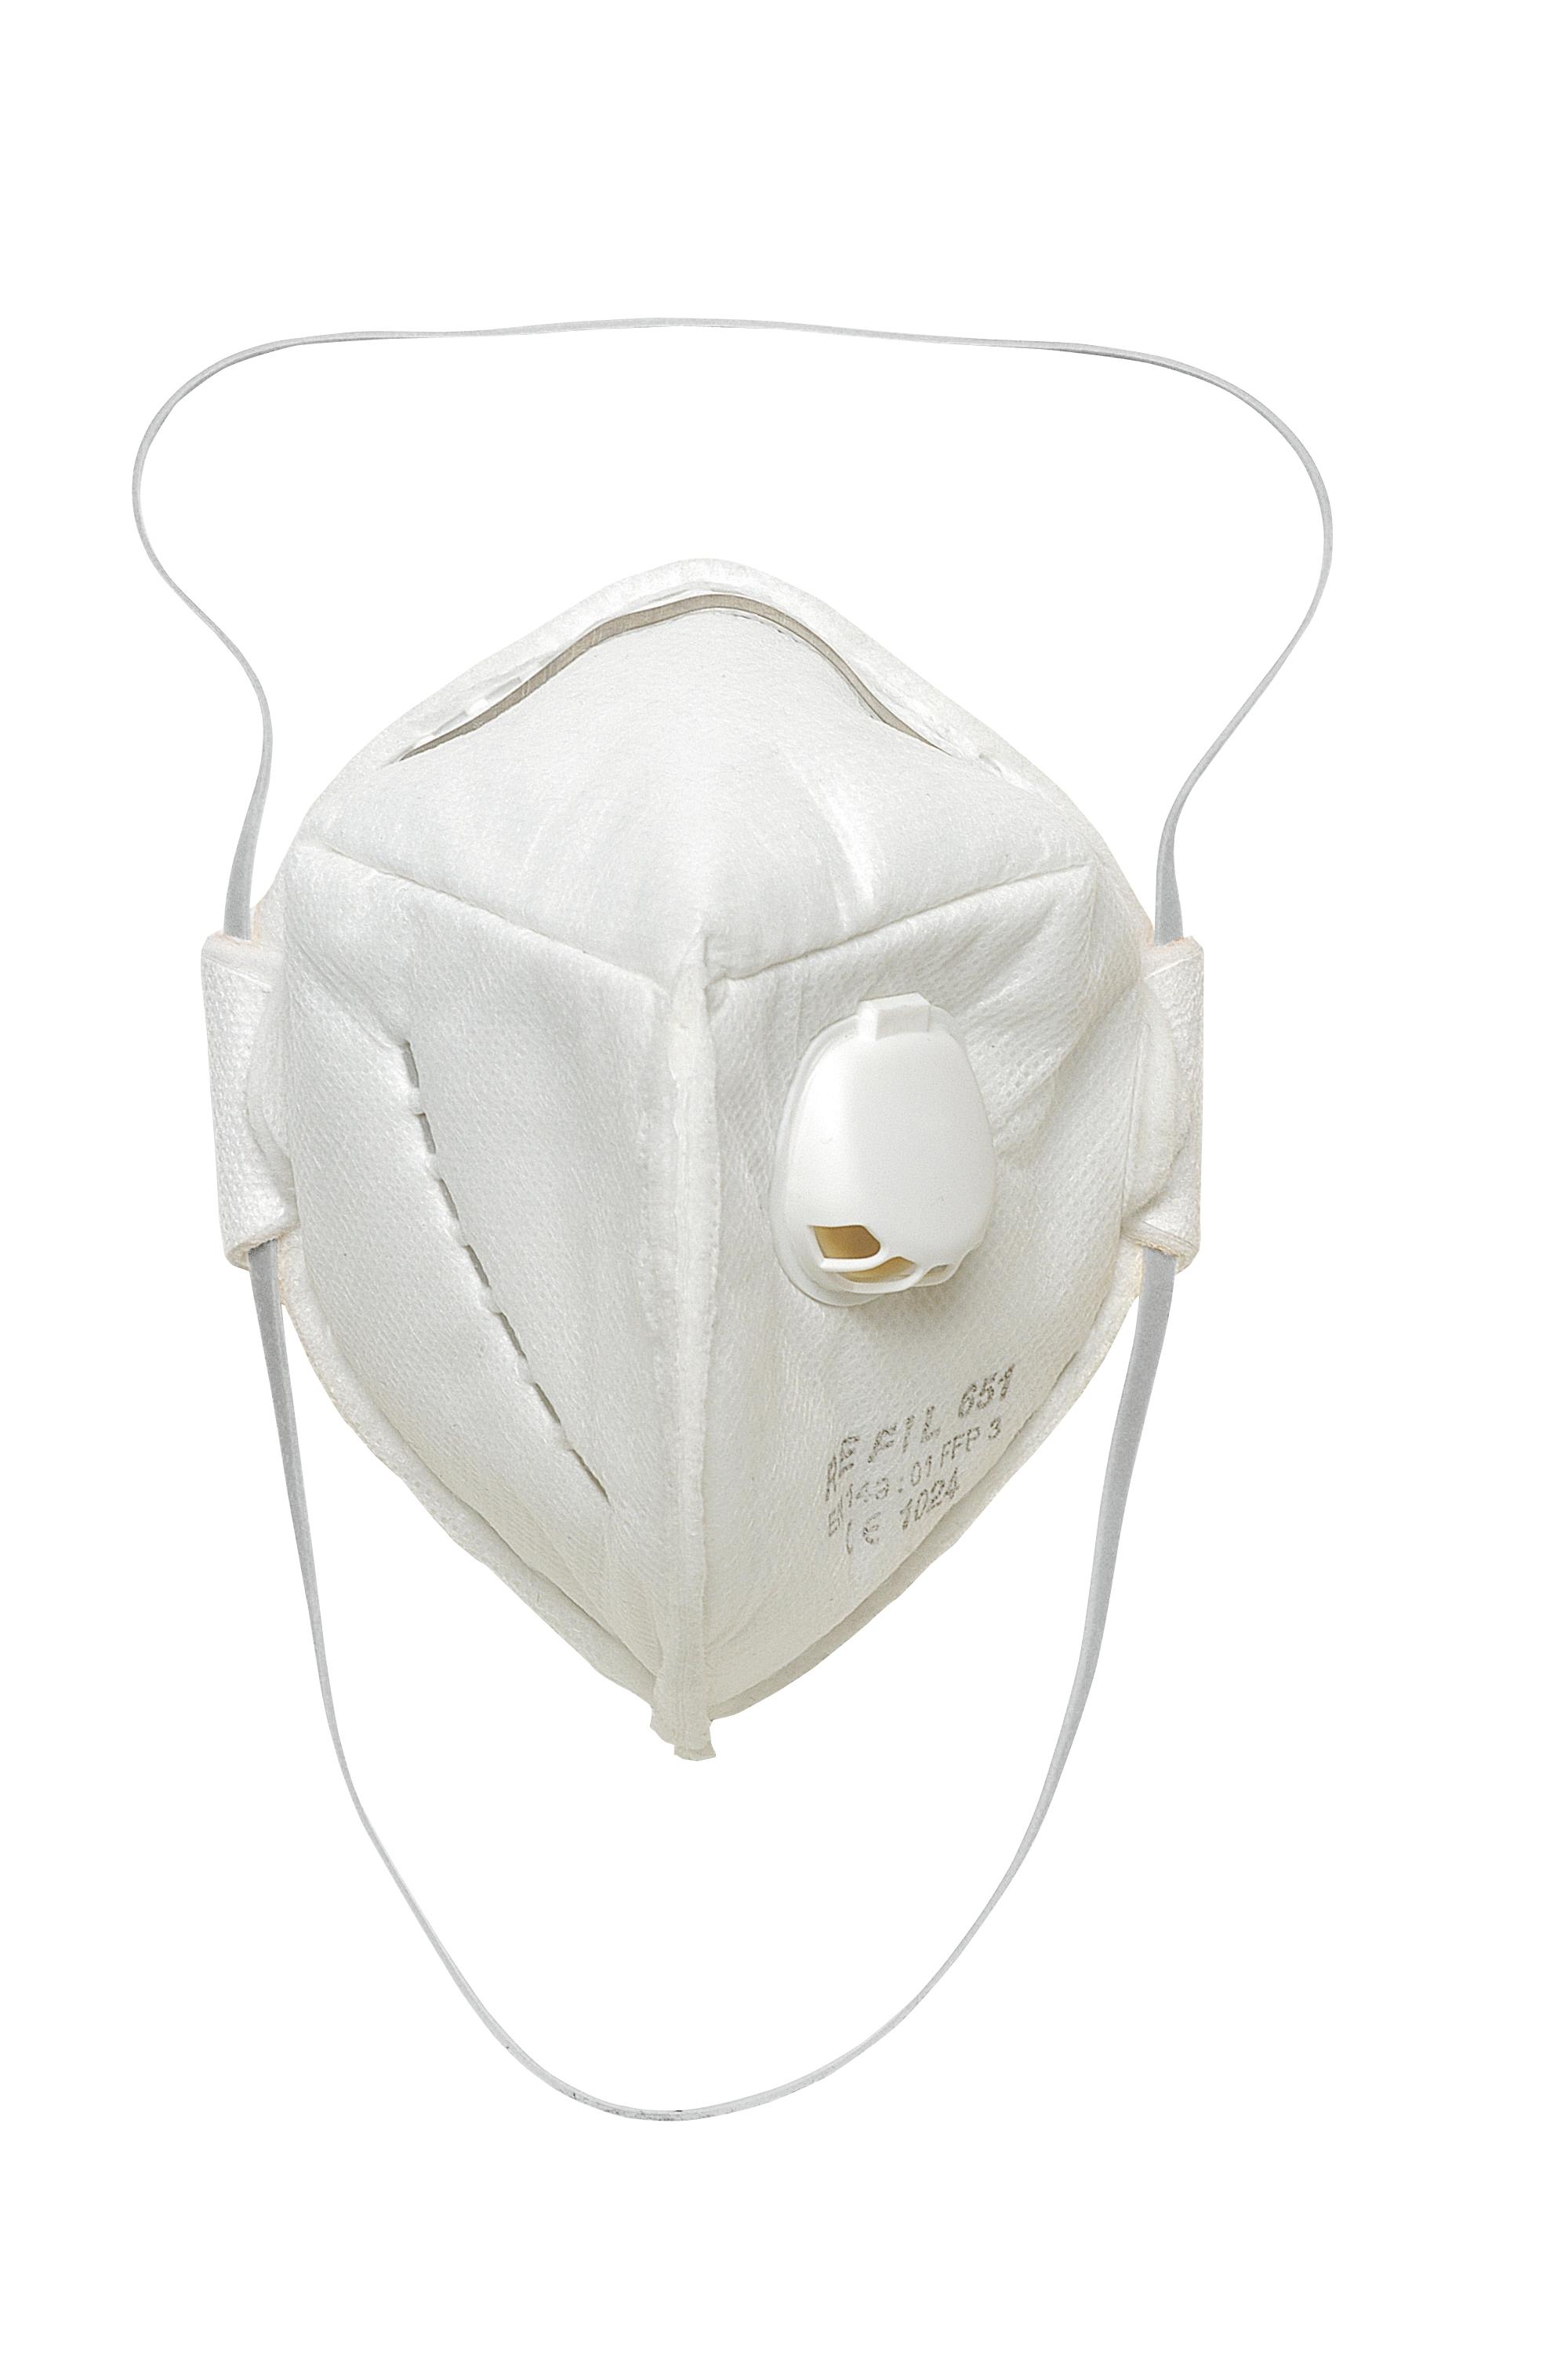 REFIL 651 FFP3 szelepes maszk akasztófüles csomagolásban